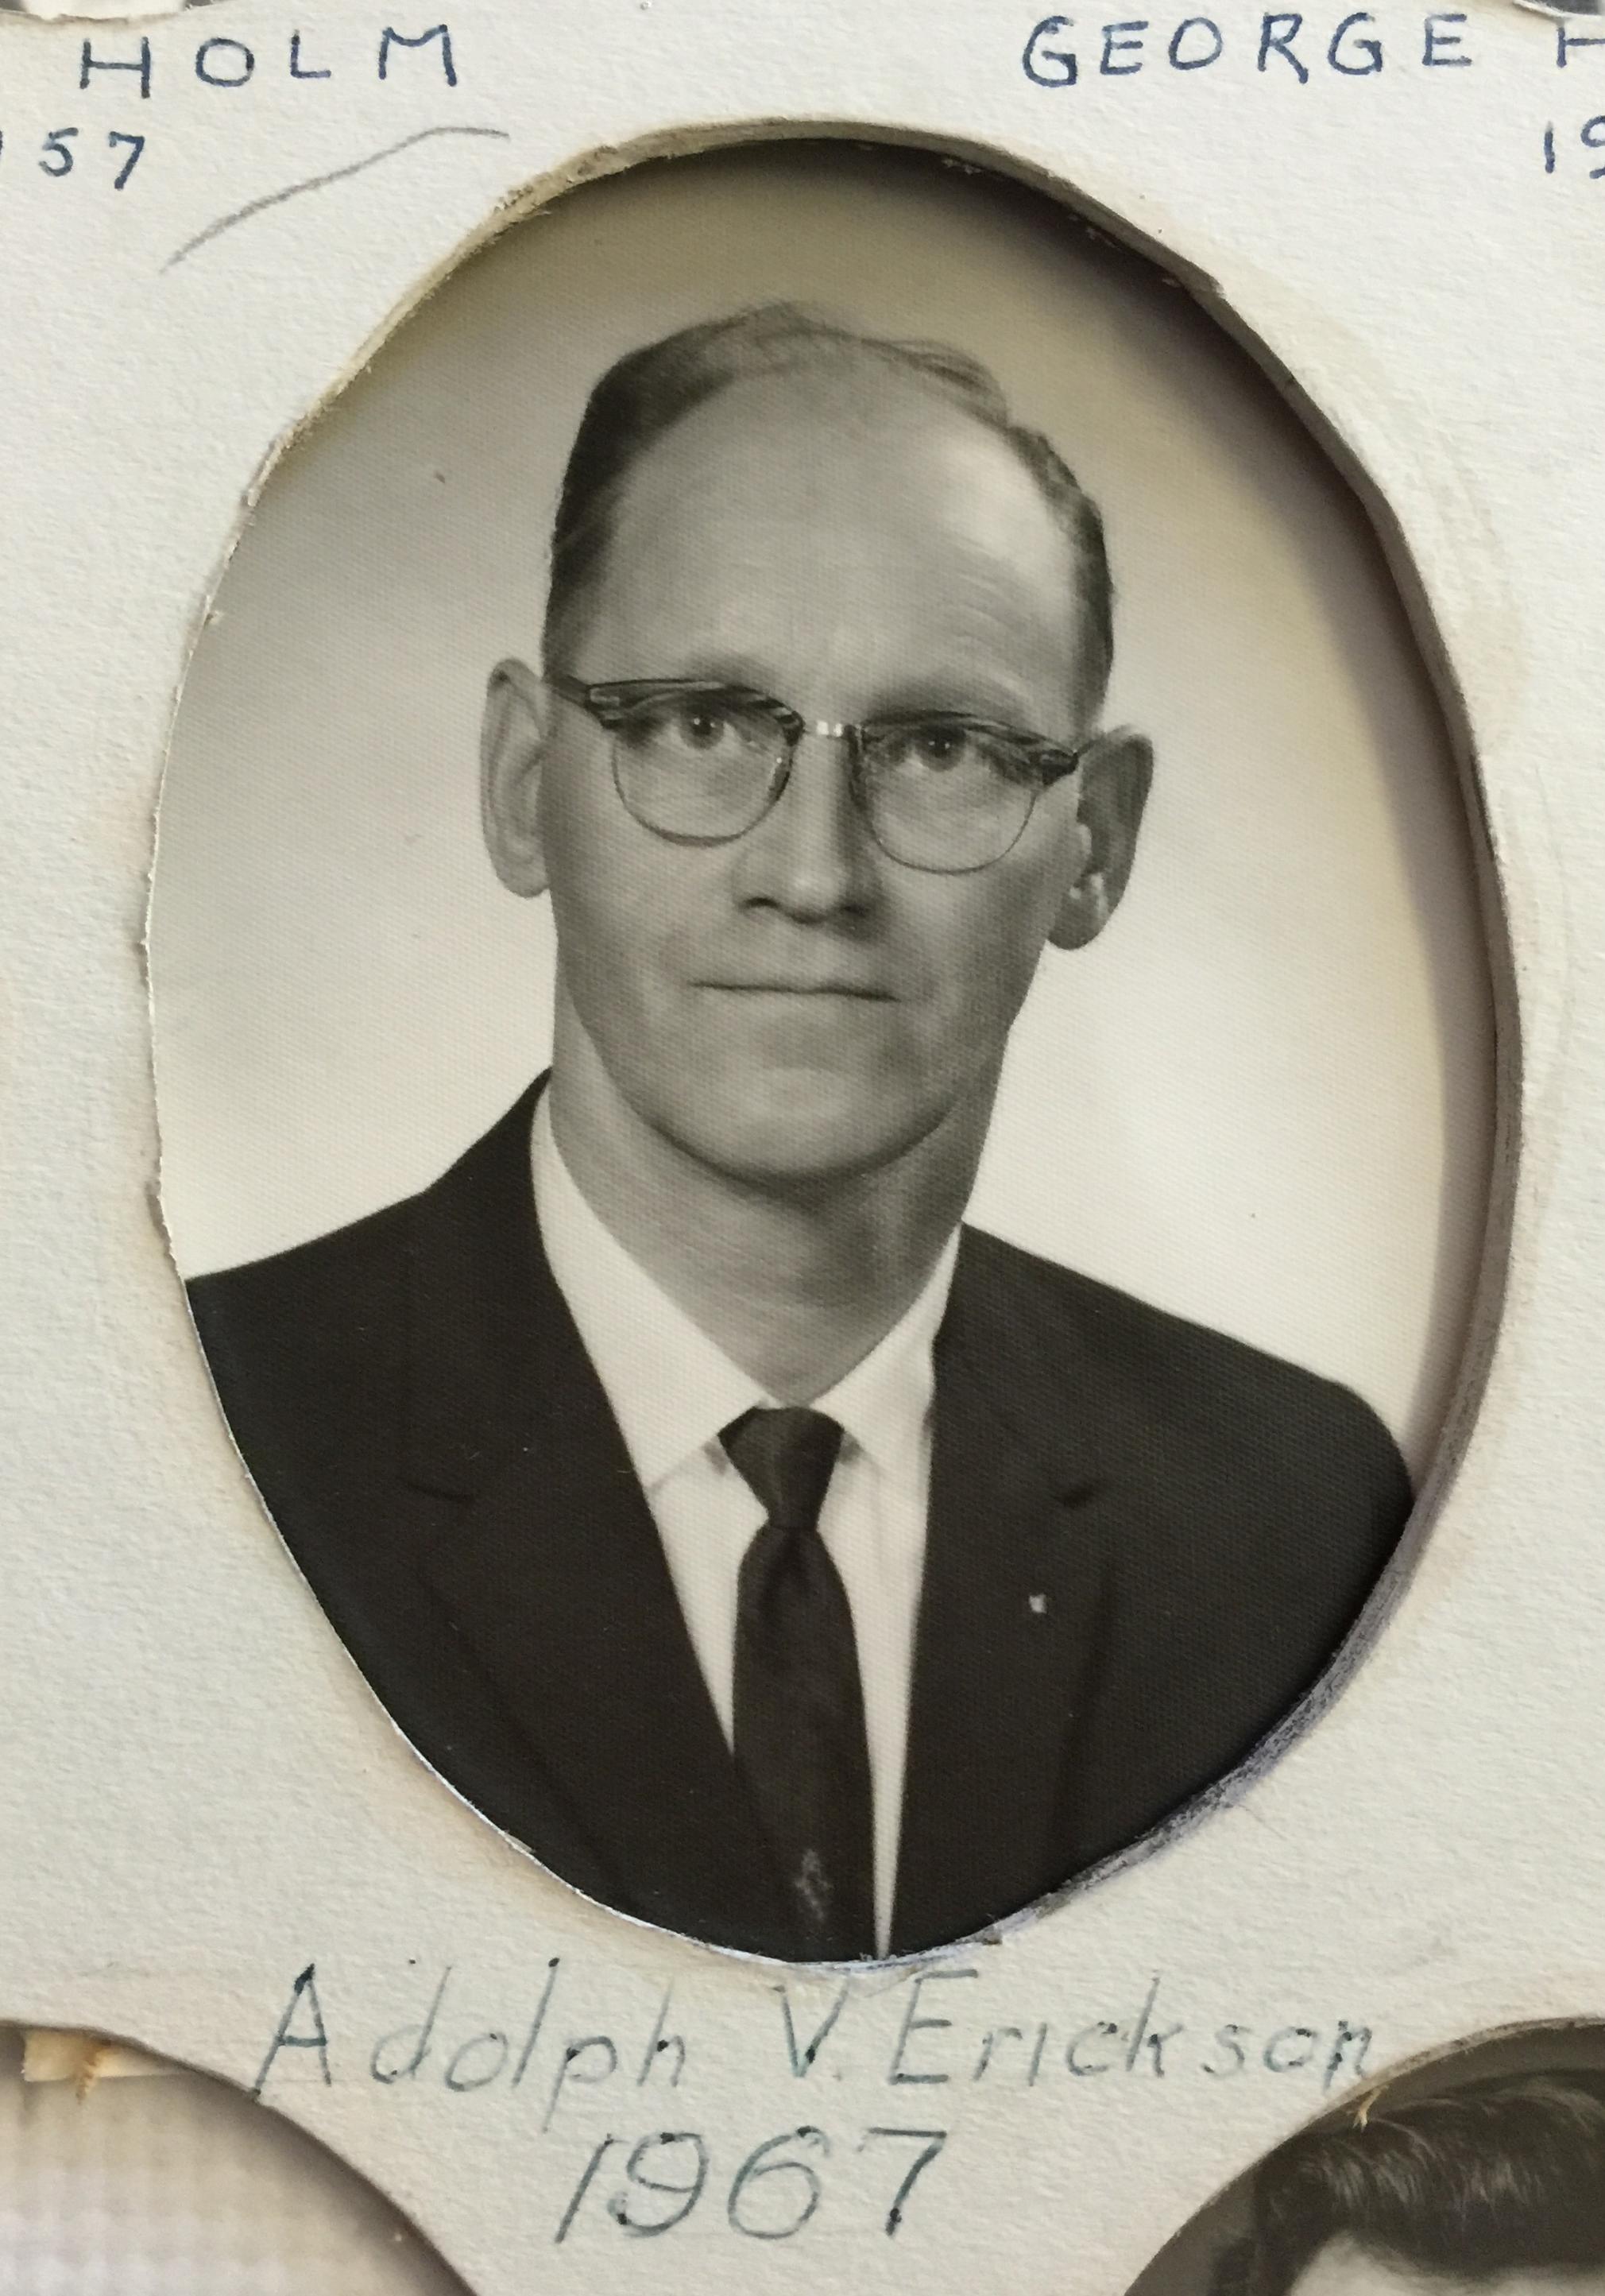 1967 Adolph V. Erickson